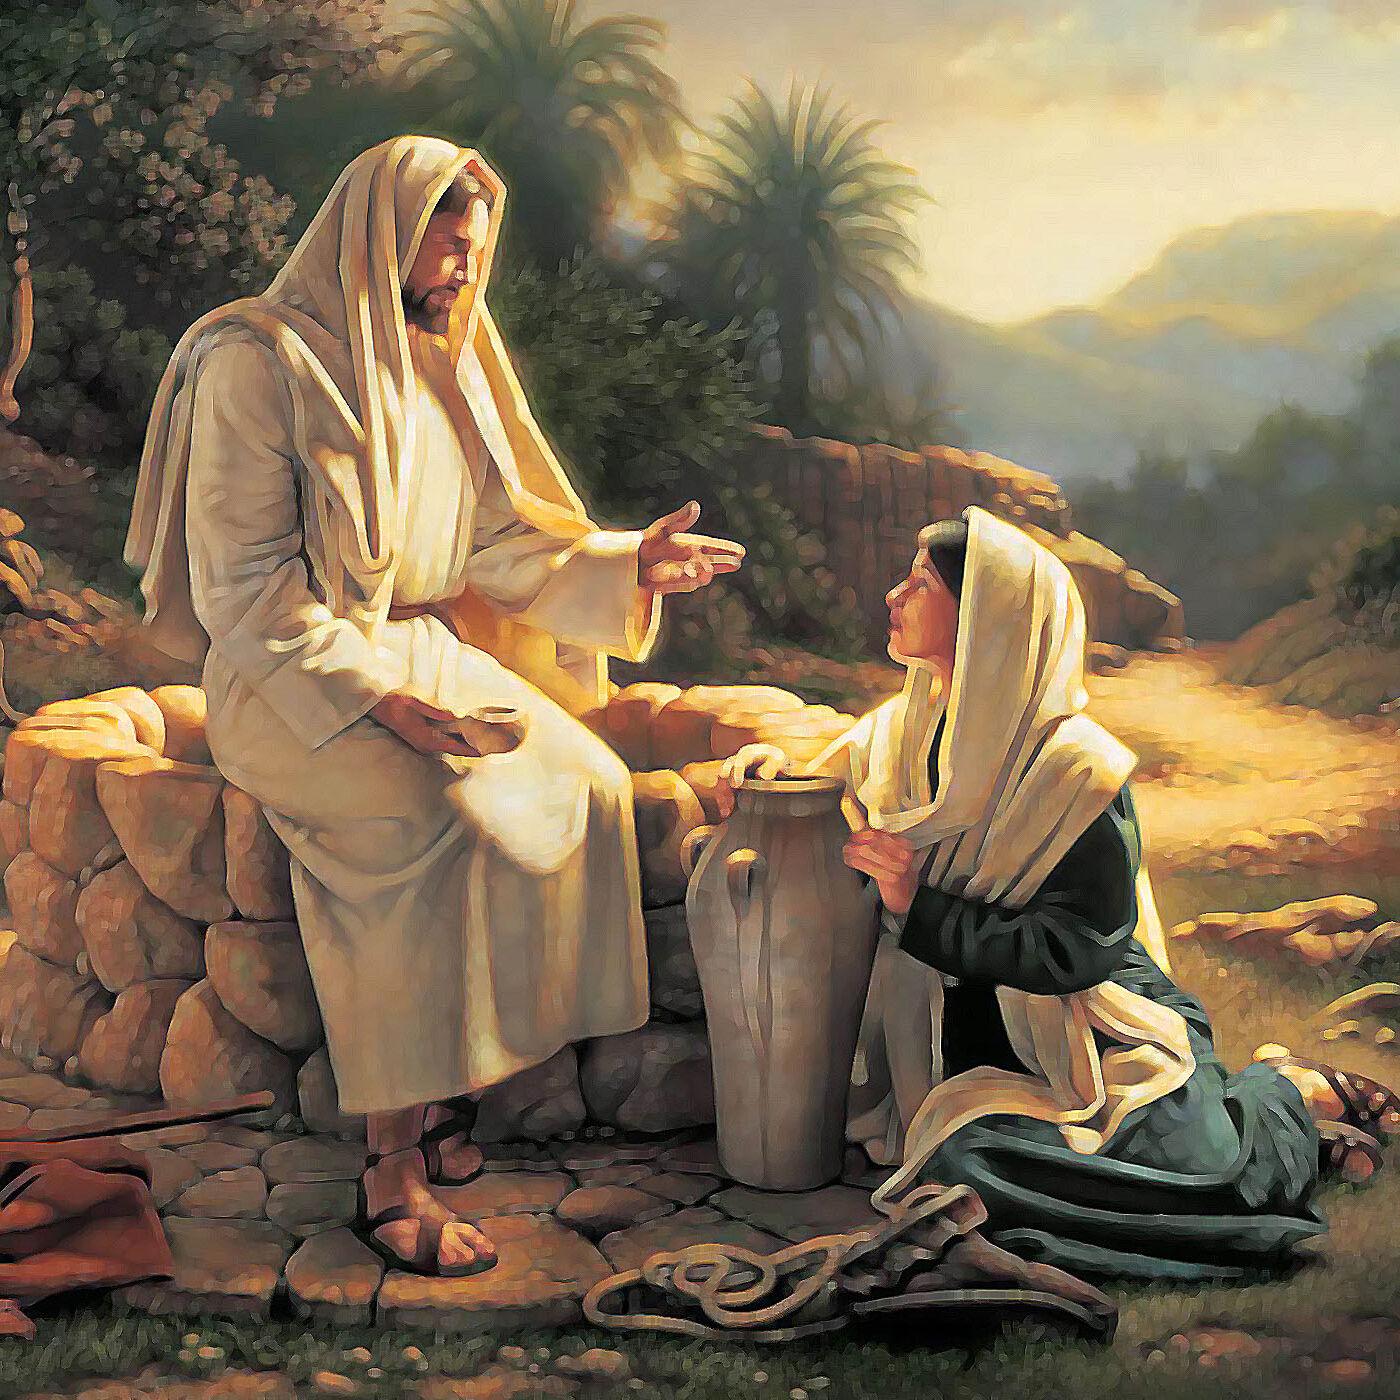 riflessioni sul Vangelo di Sabato 31 Agosto 2019 (Mt 25, 14-30)